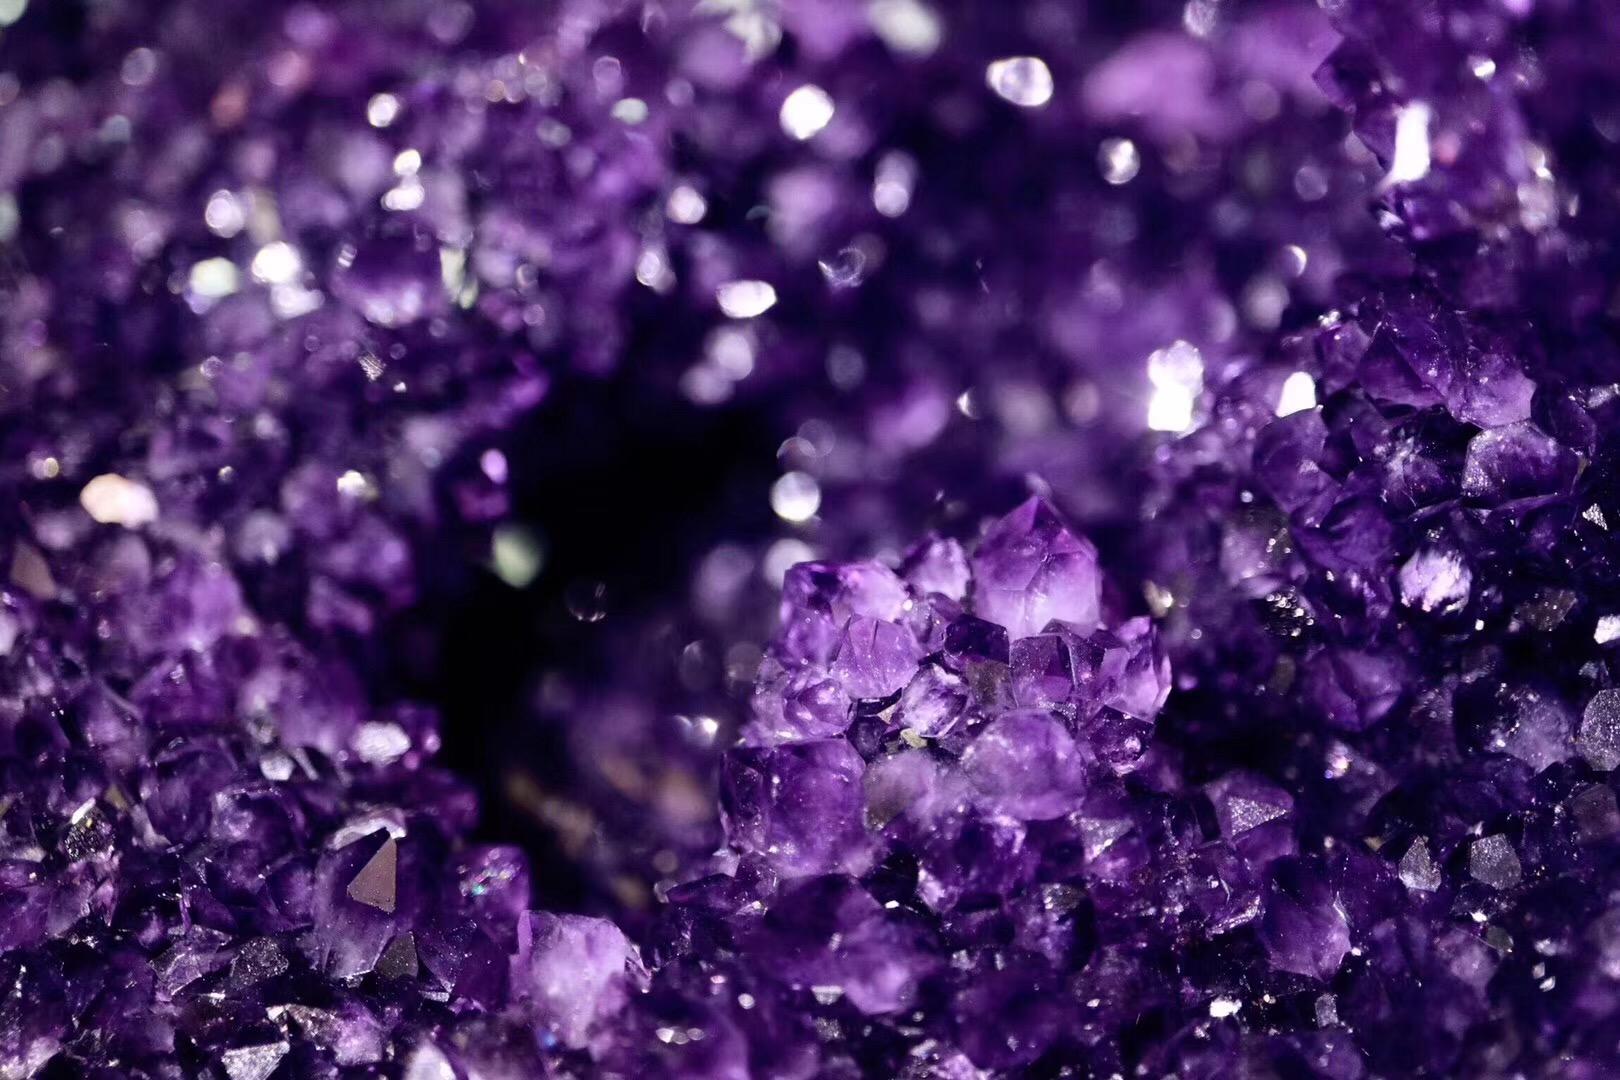 【紫晶洞】国庆前夕来一只妖孽,收藏级的乌拉圭紫晶洞-菩心晶舍